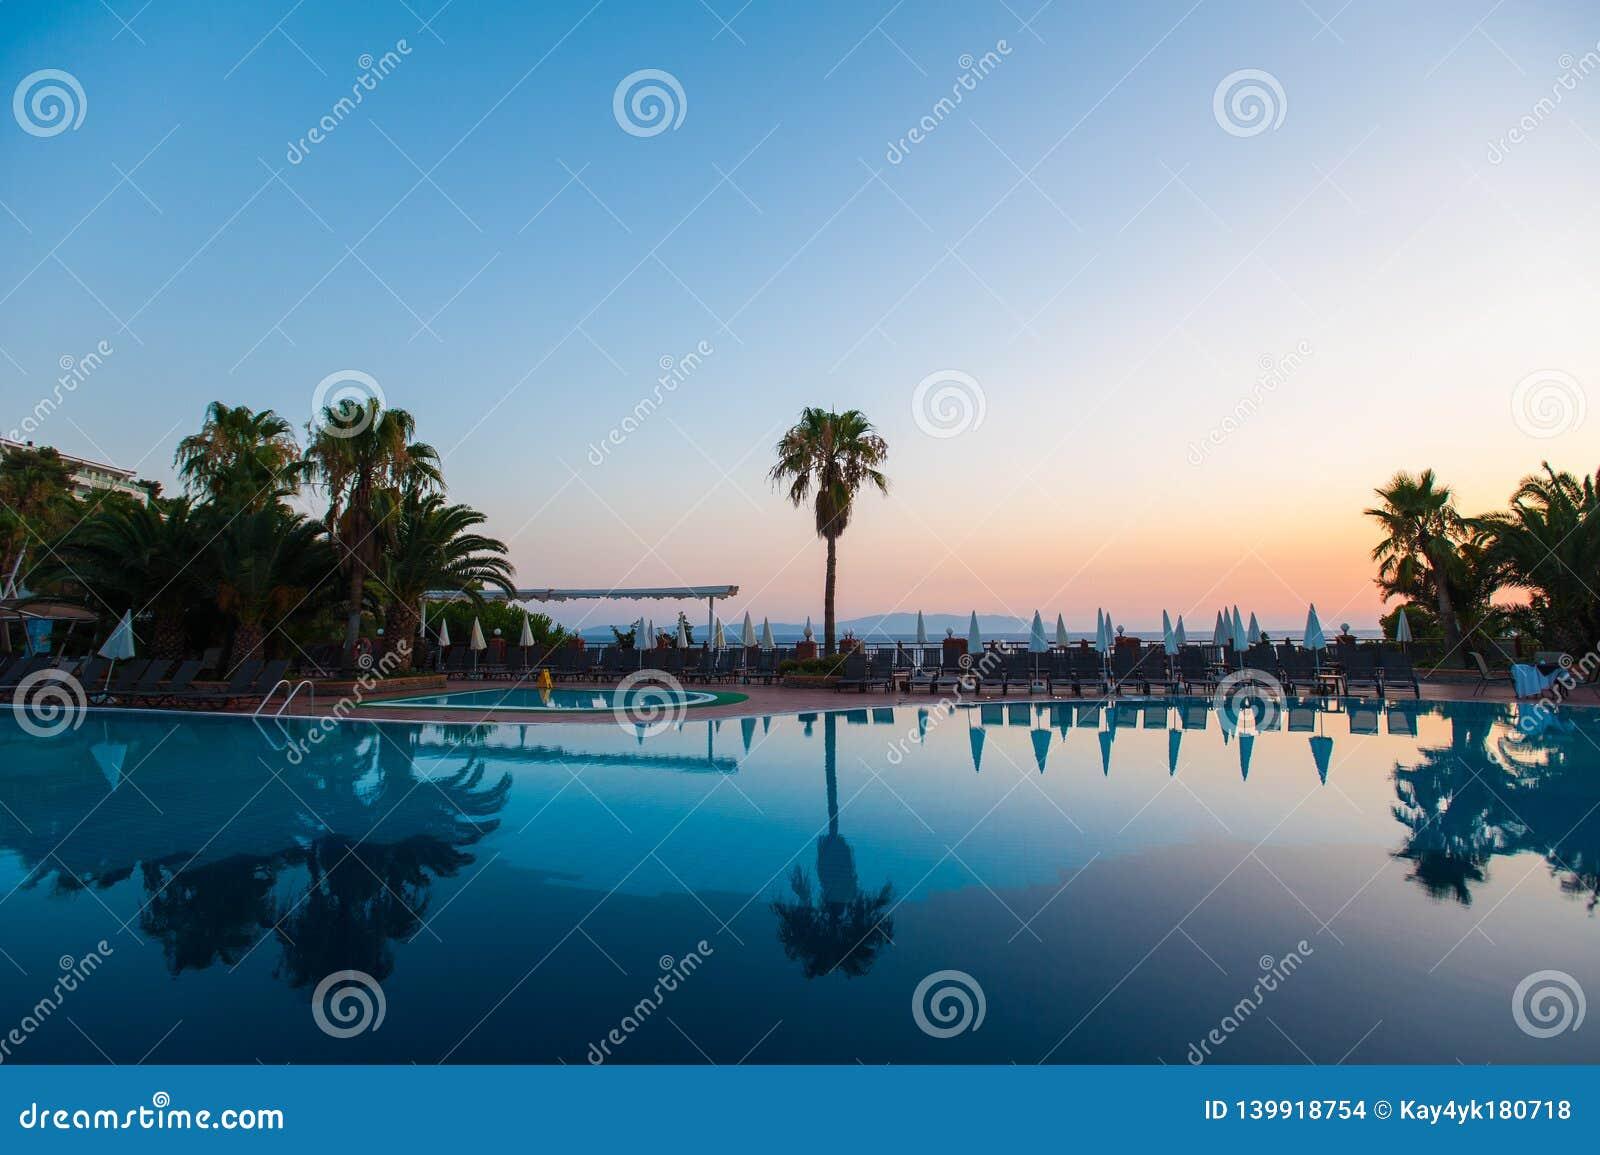 Piscine avec des palmiers au coucher du soleil Réflexion de l eau